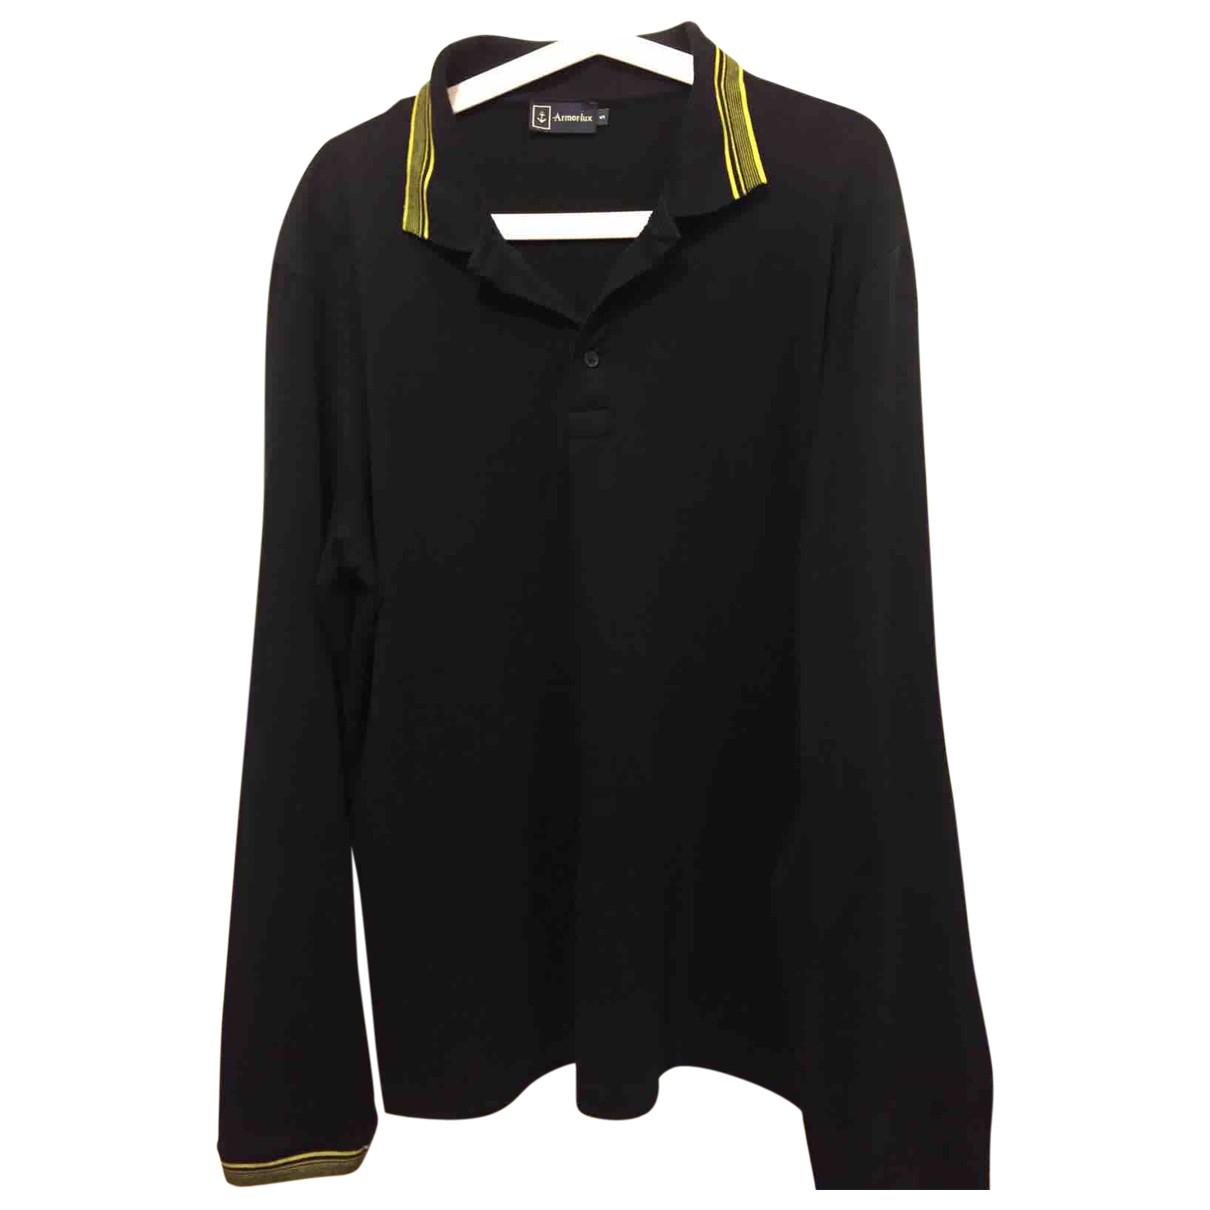 Armor-lux - Polos   pour homme en coton - noir